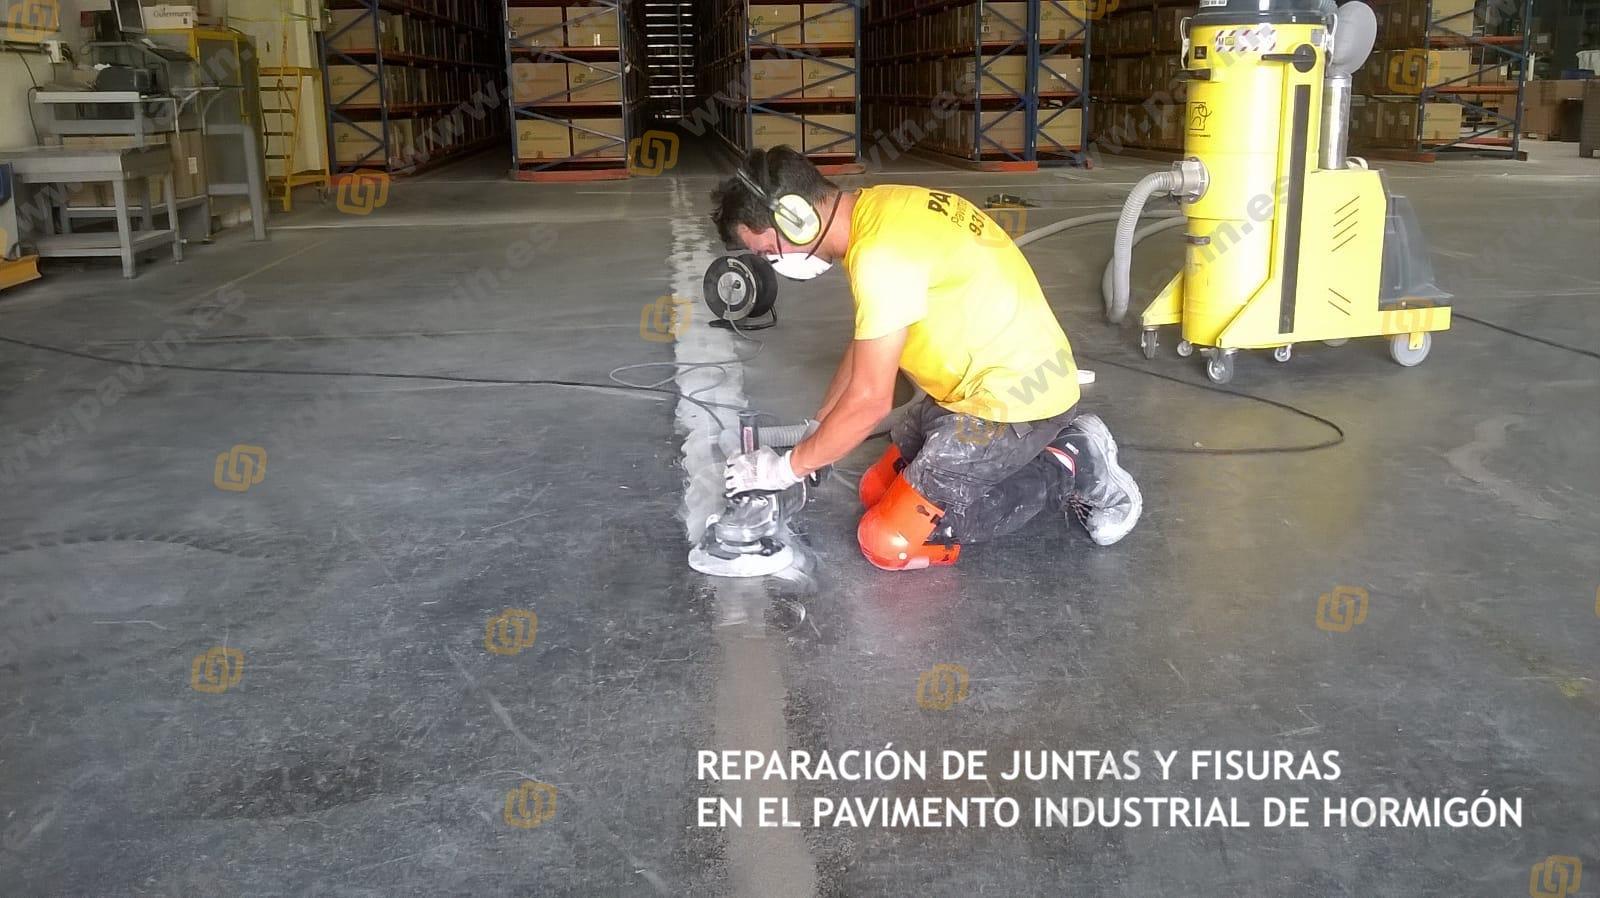 Reparación de juntas y fisuras en un pavimento industrial